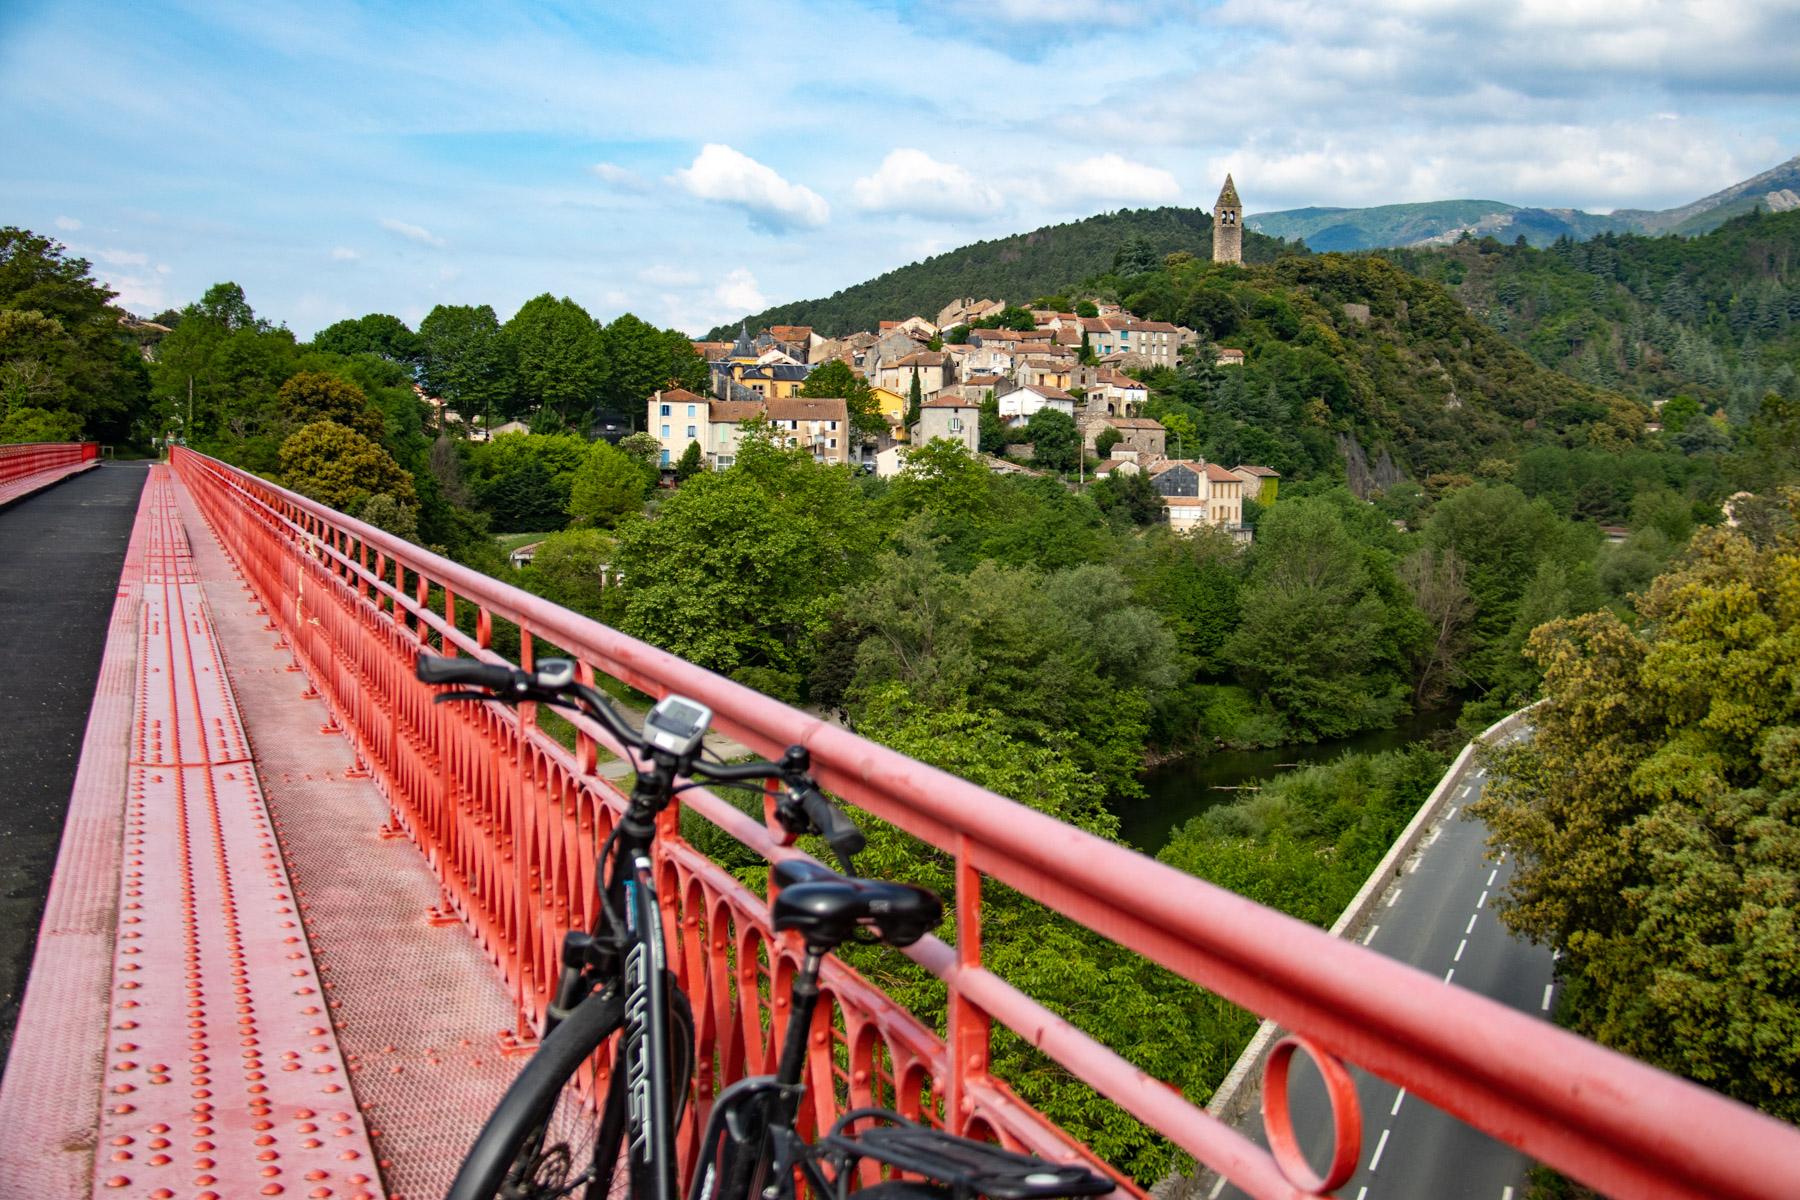 Fietsen over een oude spoorlijn in de Hérault, langs wijngaarden en mooie dorpjes